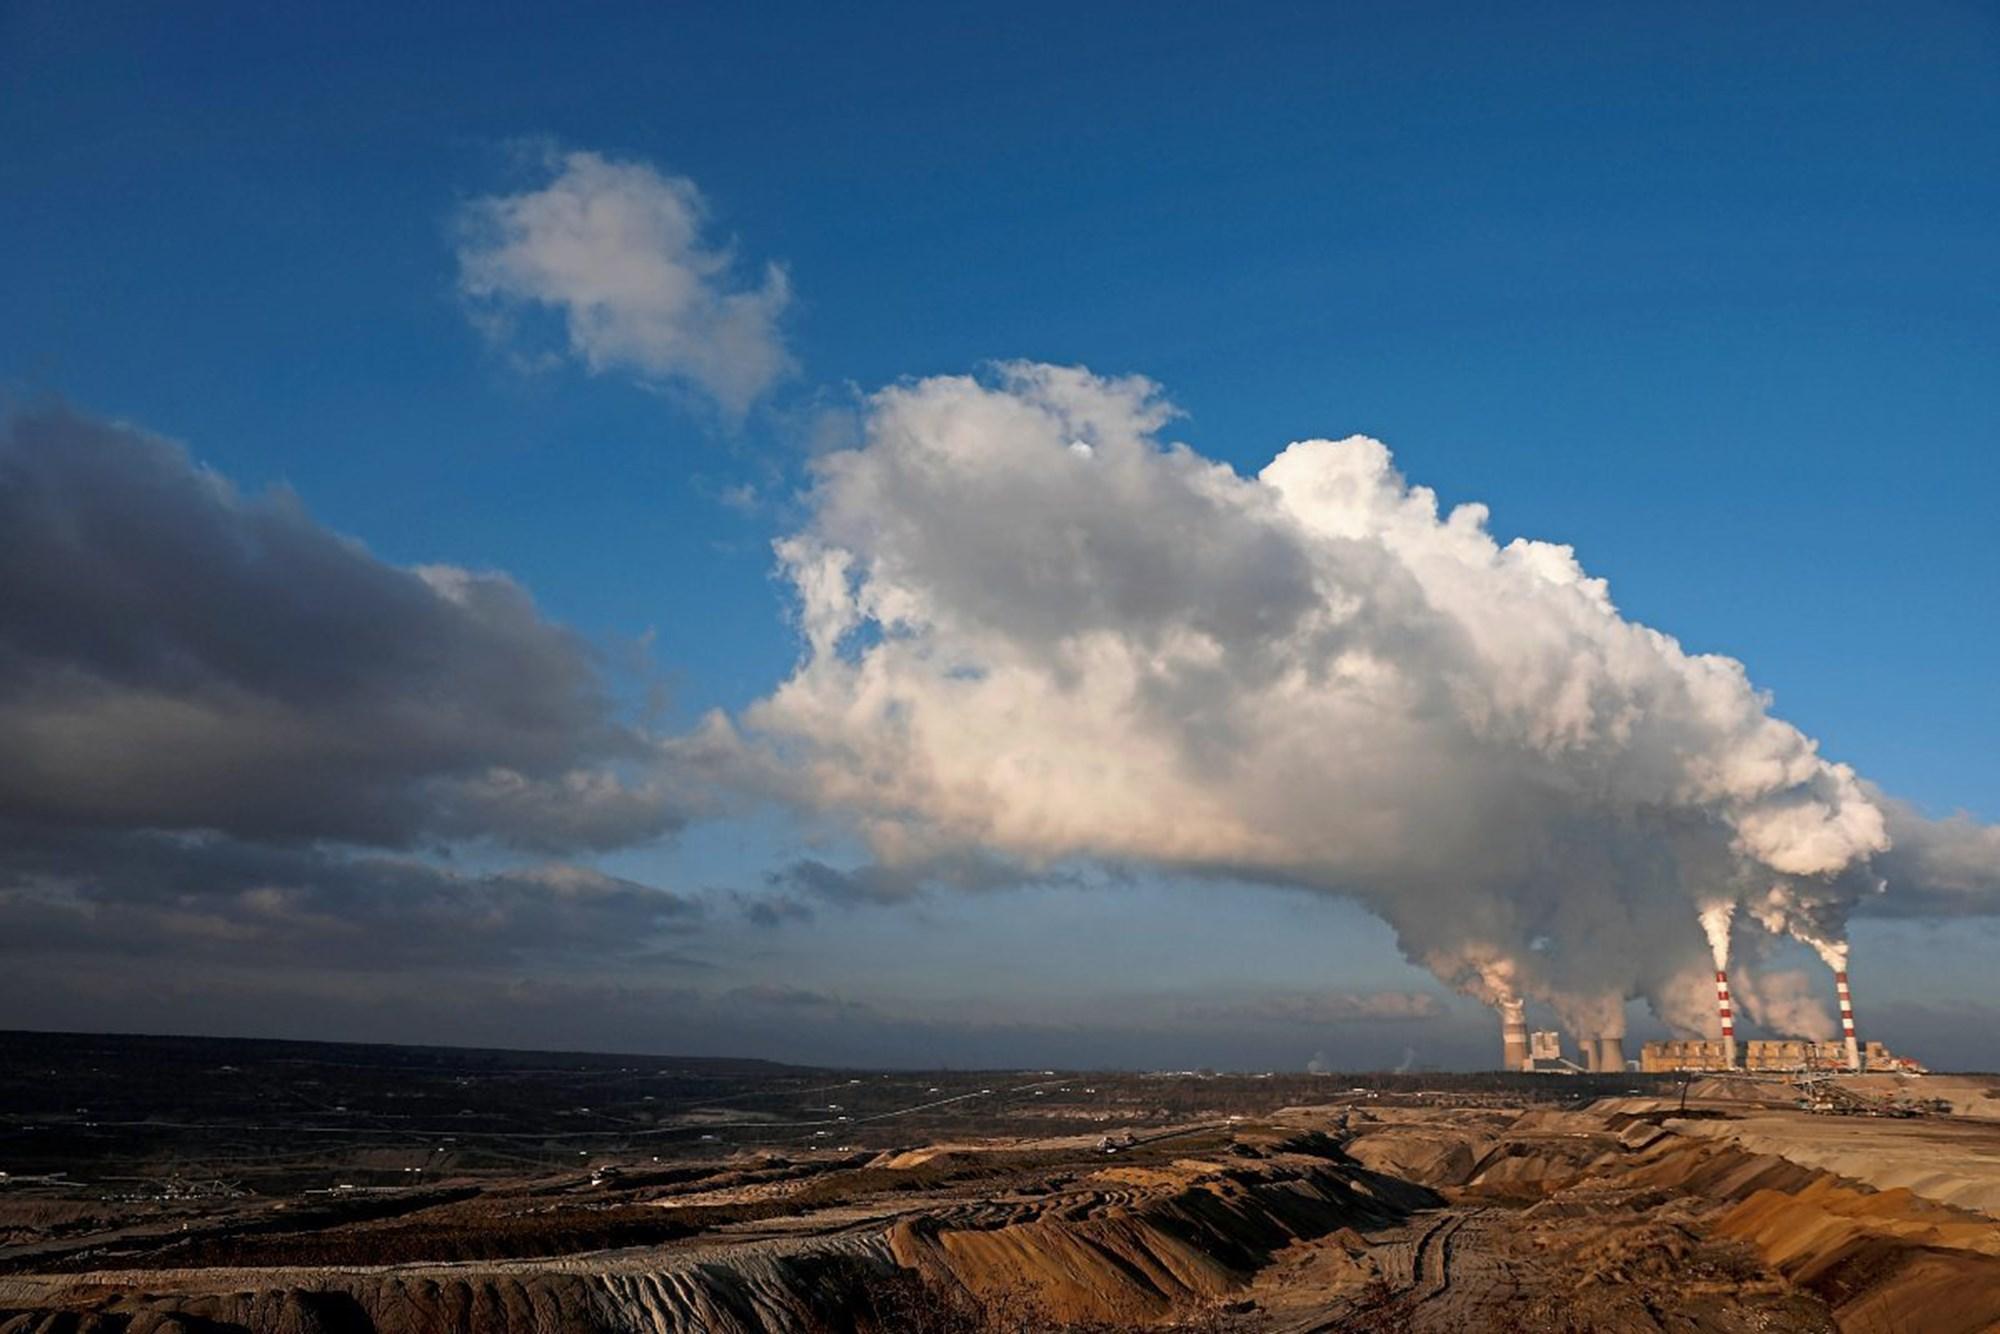 Подавляющее большинство ученых винят человеческую деятельность в глобальном потеплении. Но отрицатели изменения климата становятся все более и более активными — и устанавливают контакты. Фото: Reuters / Kacper Pempel.